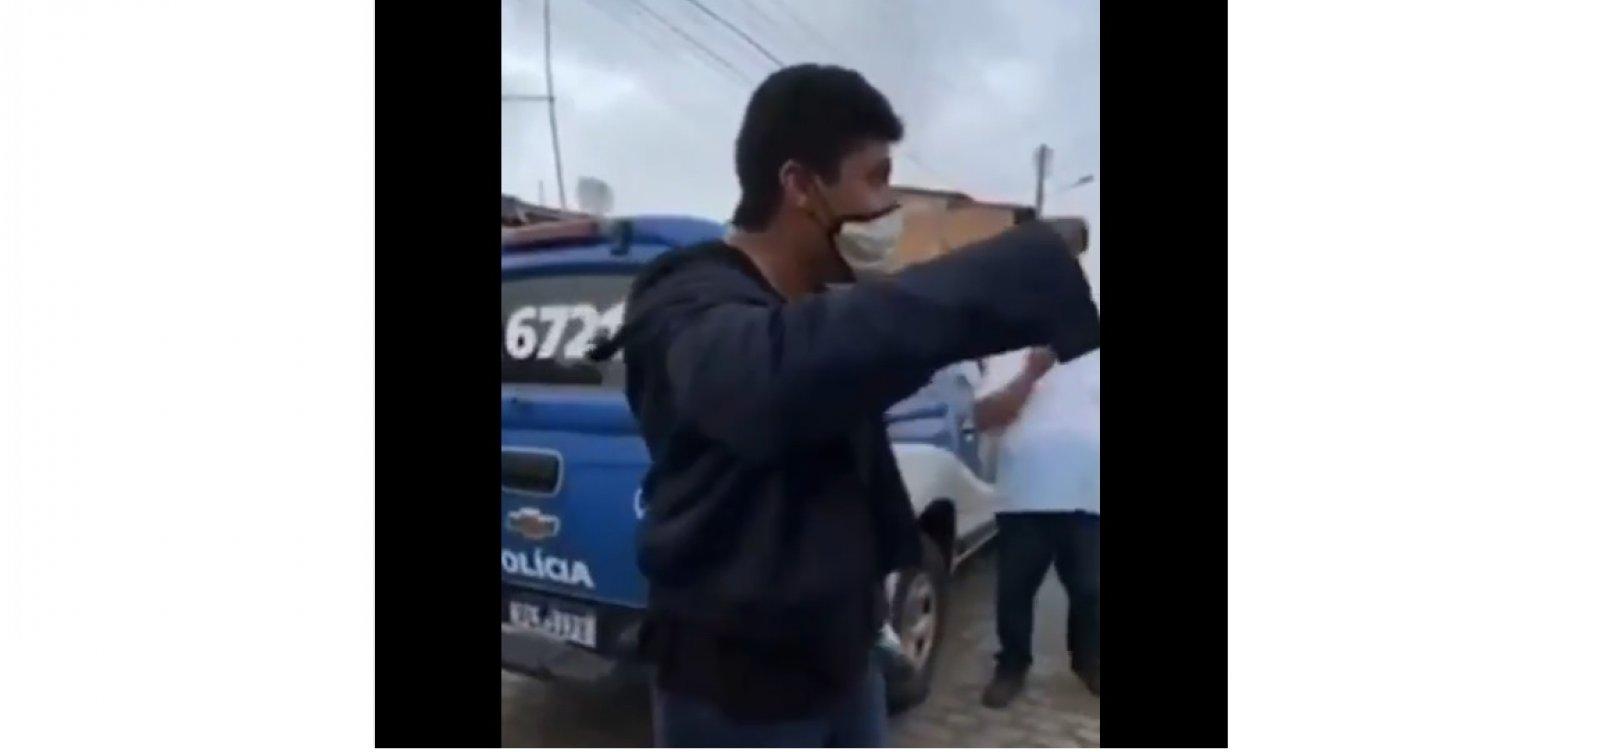 Após discussão e por desacato, prefeito é detido durante transmissão ao vivo